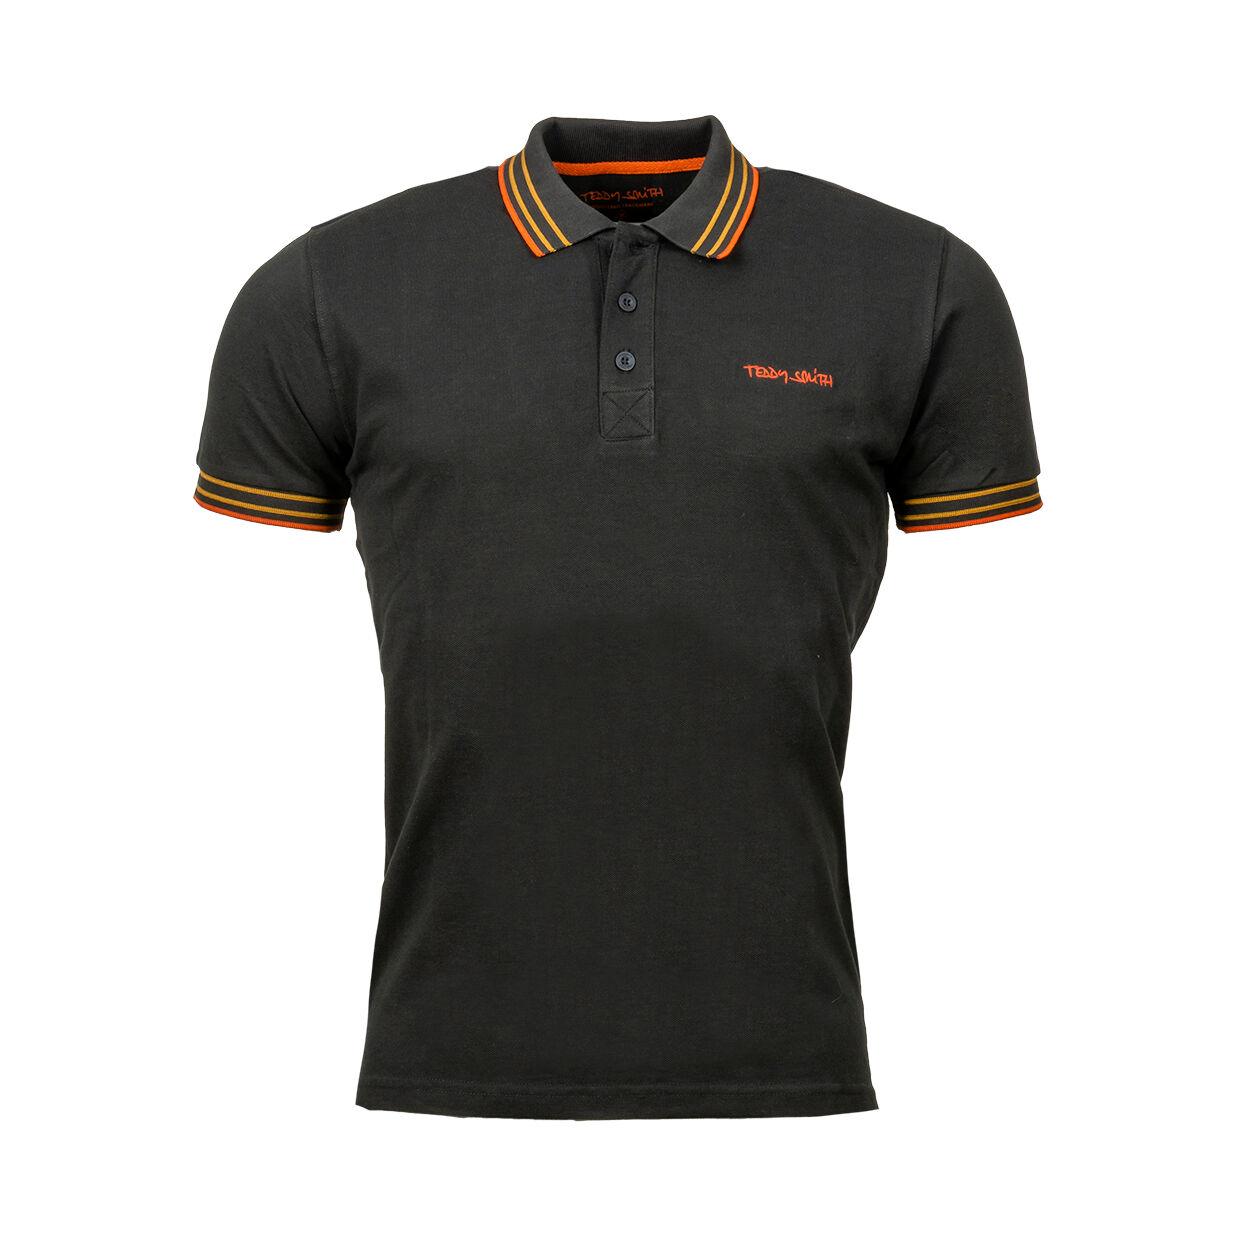 Teddy Smith Polo à manches courtes Teddy Smith Pasian en coton noir charbon à détails orange - Noir charbon - M